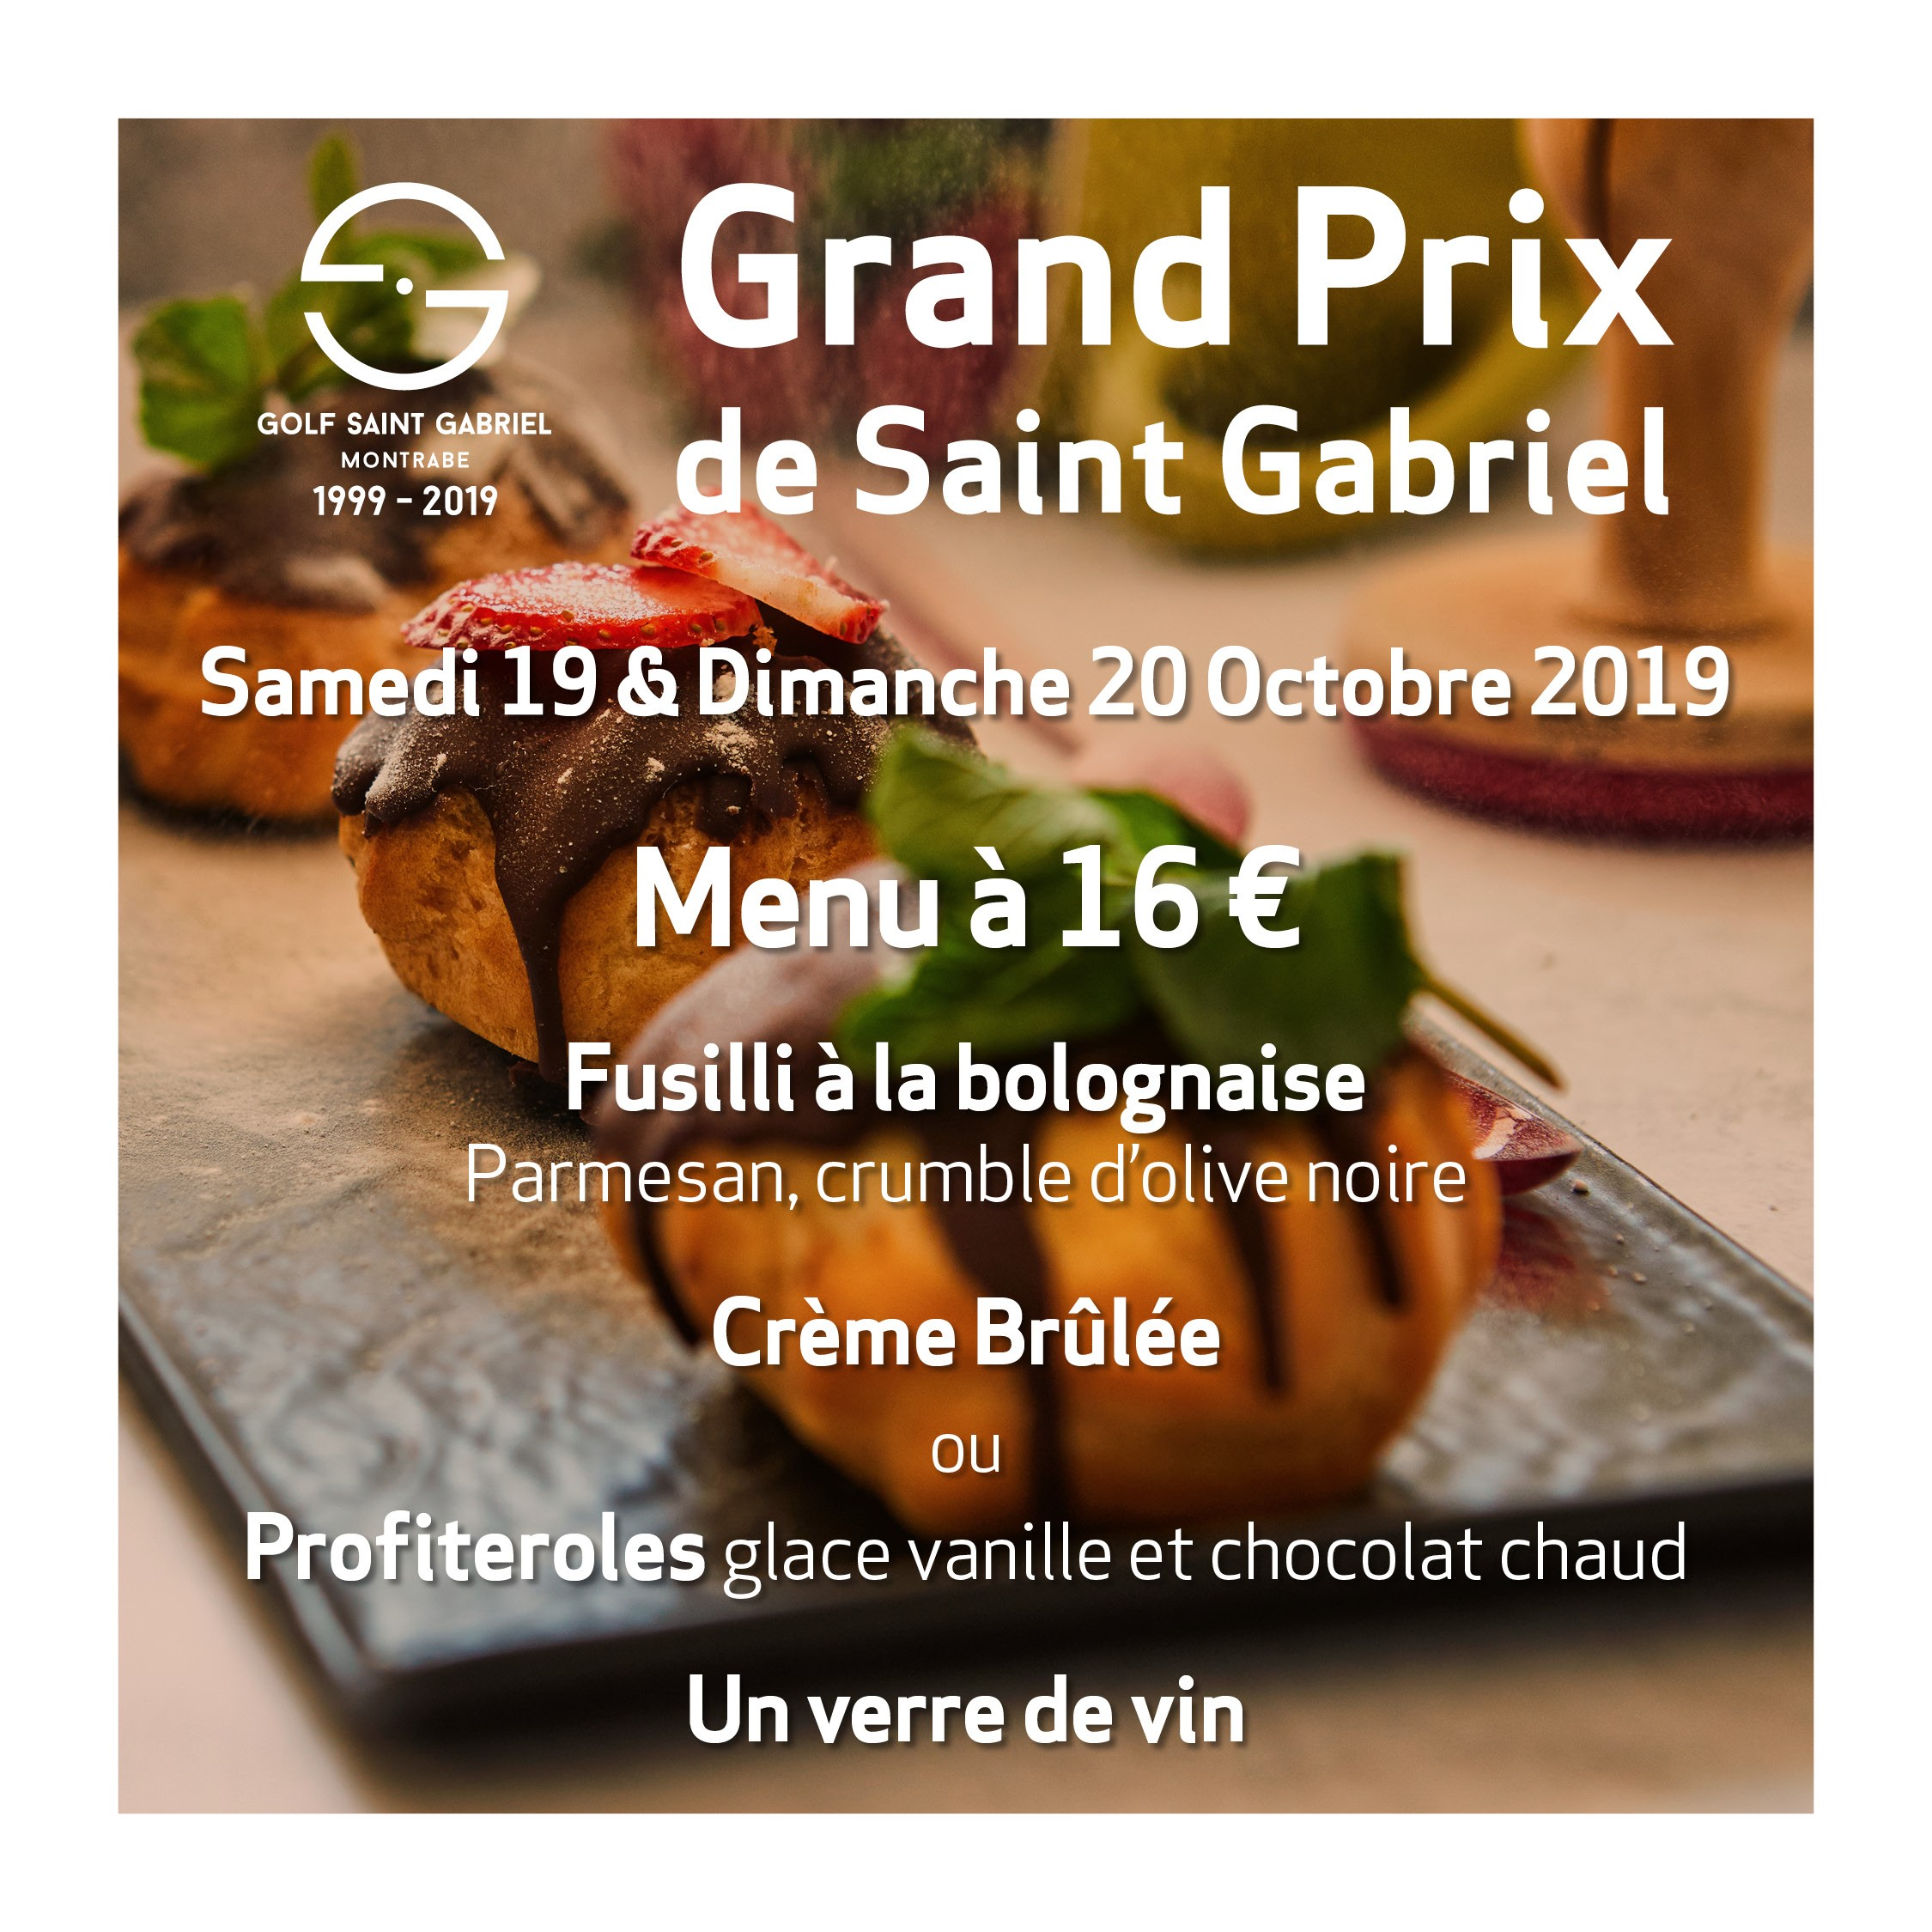 MENU SPECIAL Grand Prix de Saint Gabriel 2019